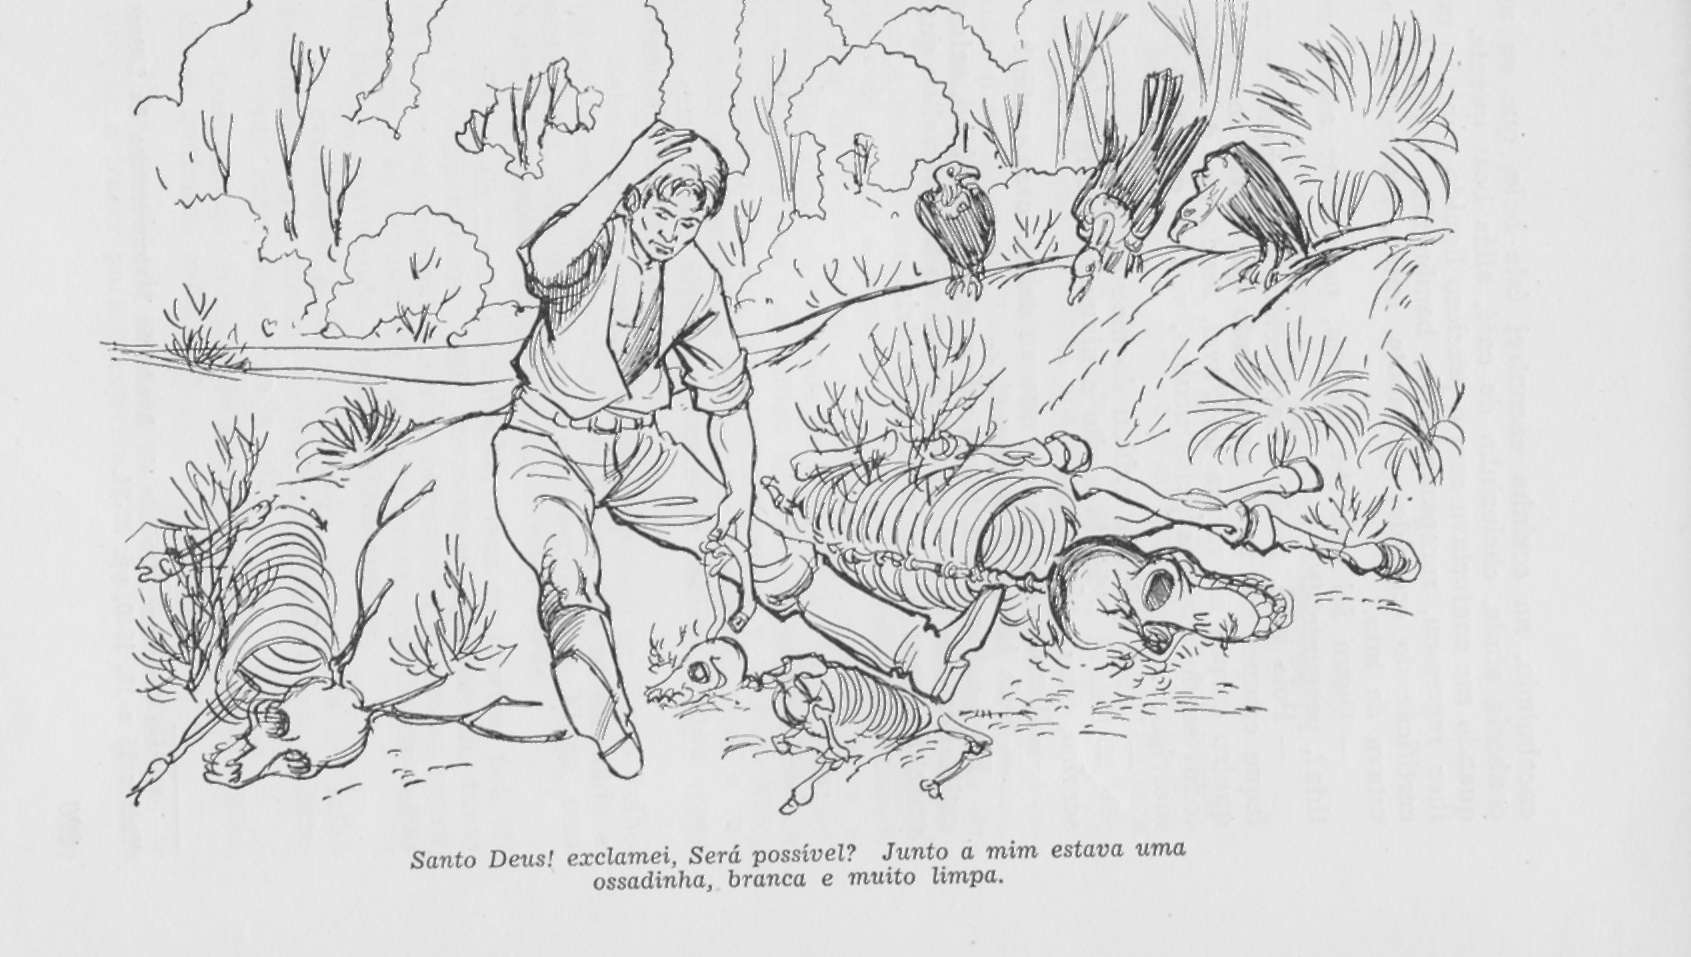 Gombé – história curta de lenda do mato grosso